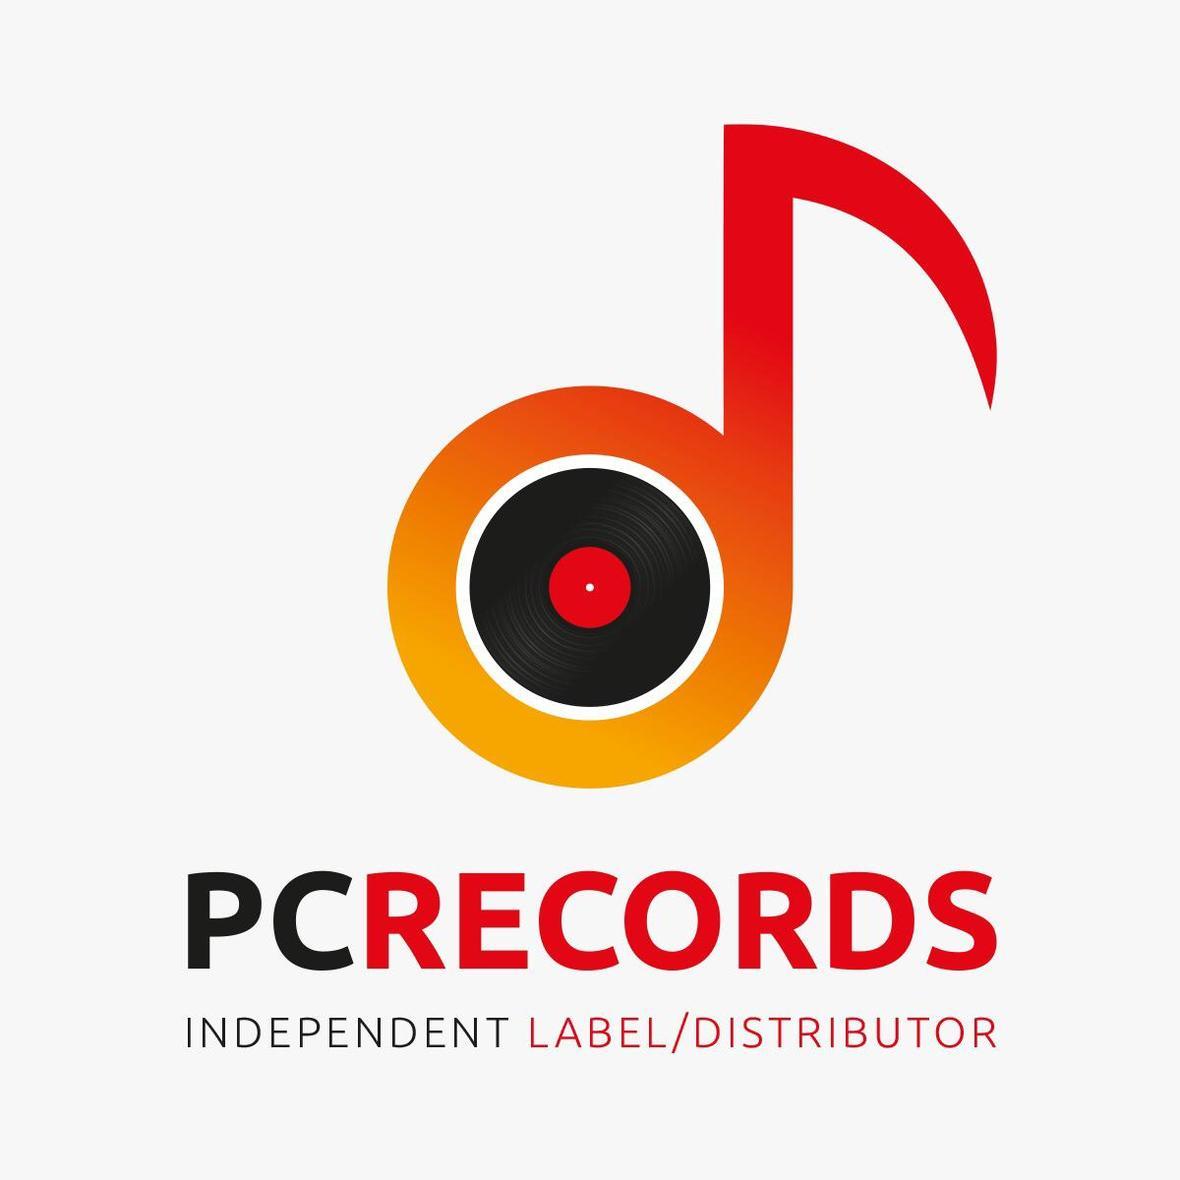 PCRECORDS